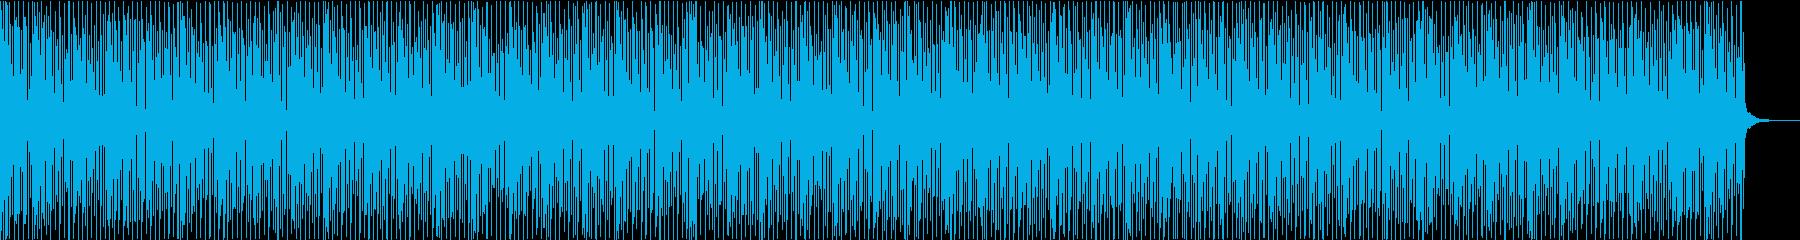 映像・ゲーム向けエレクロトポップの再生済みの波形